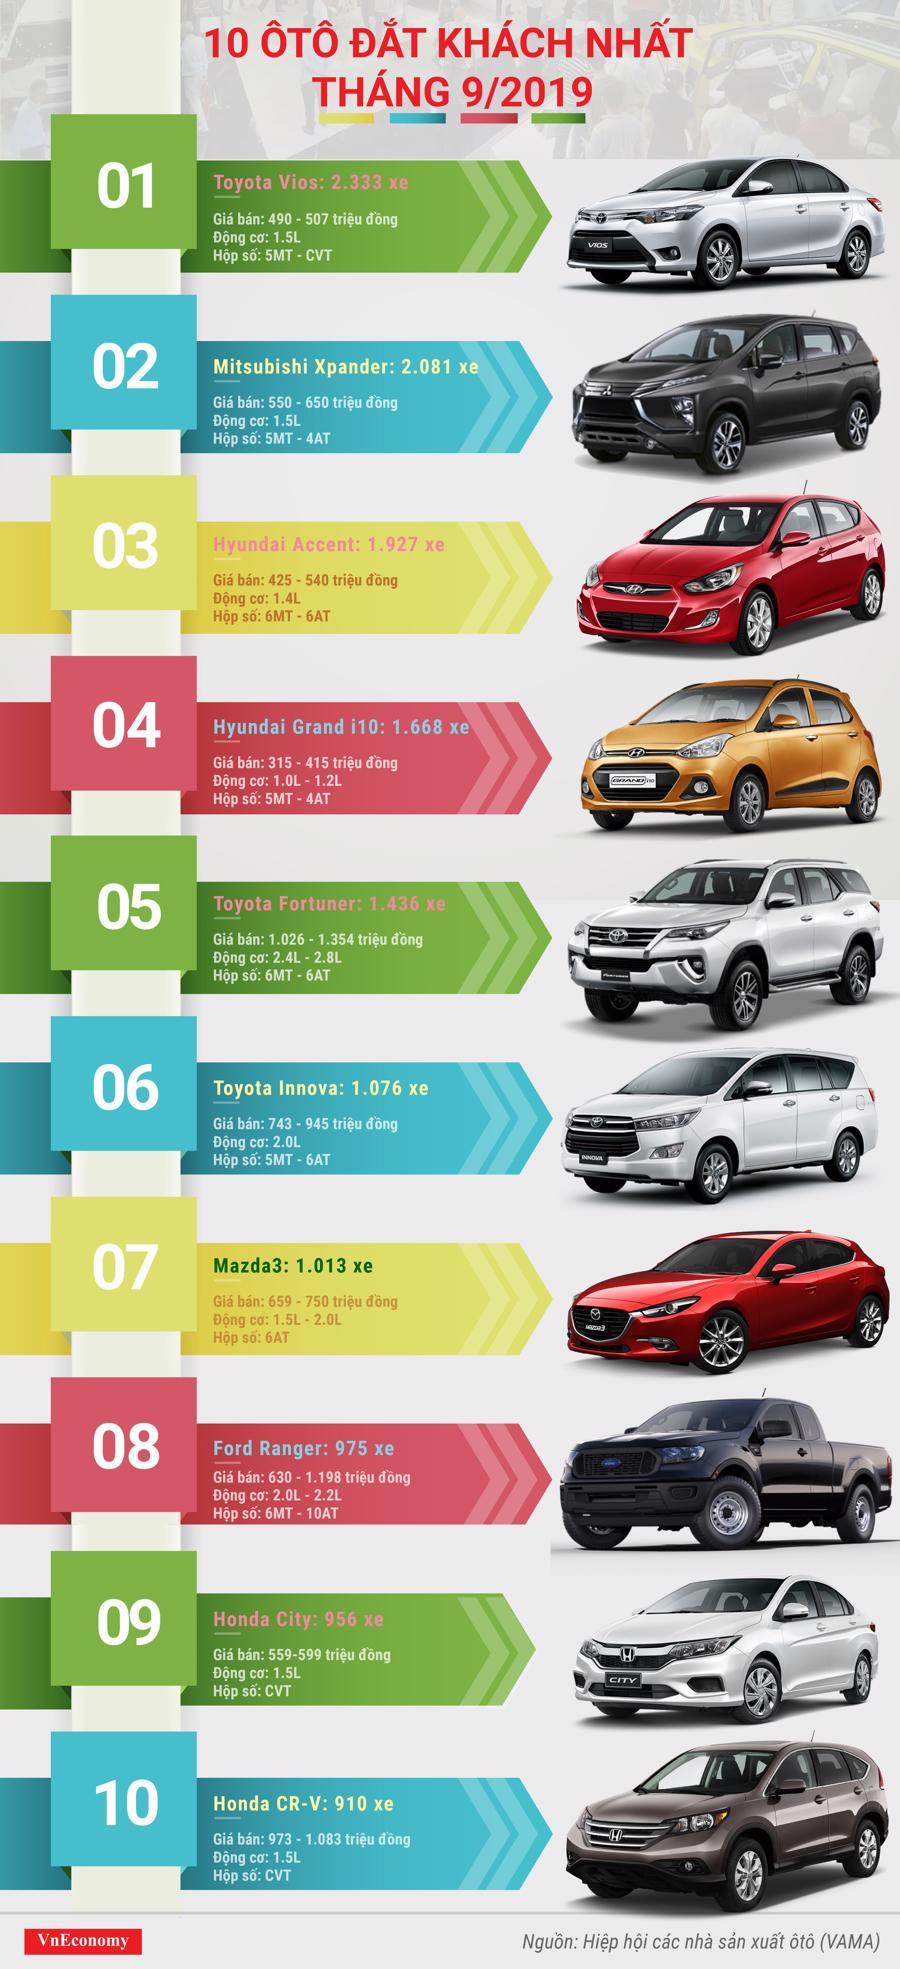 top 10 ô tô đắt khách tháng 9 năm 2019